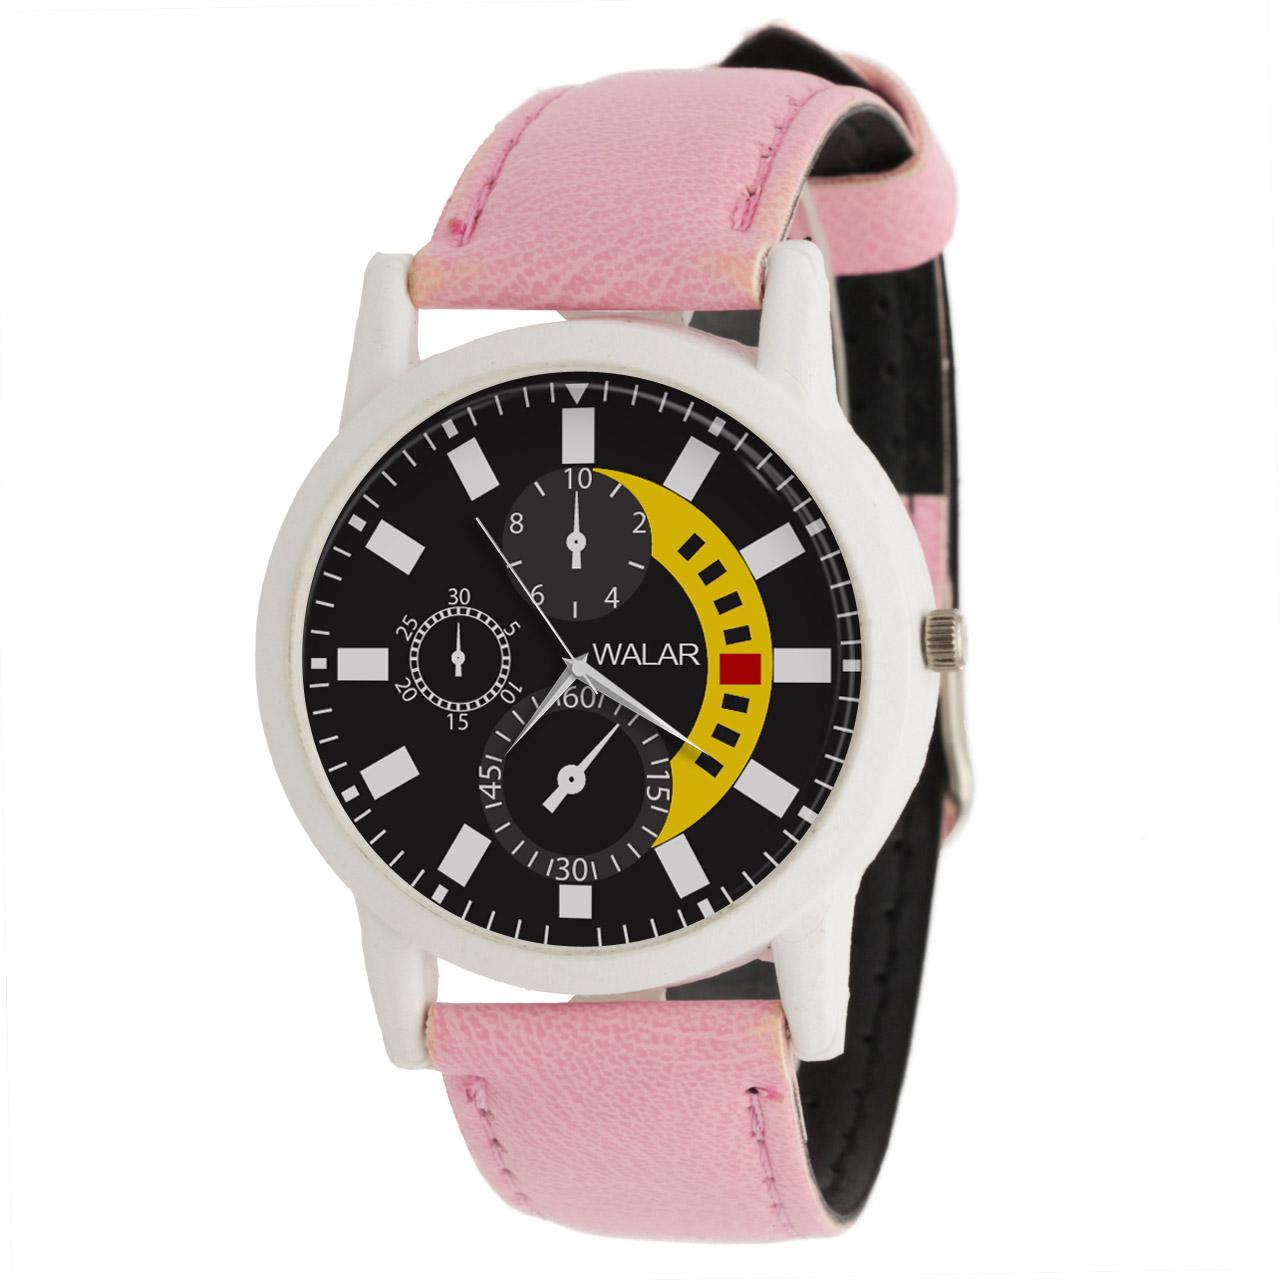 ساعت مچی عقربه ای زنانه والار مدل LF1693